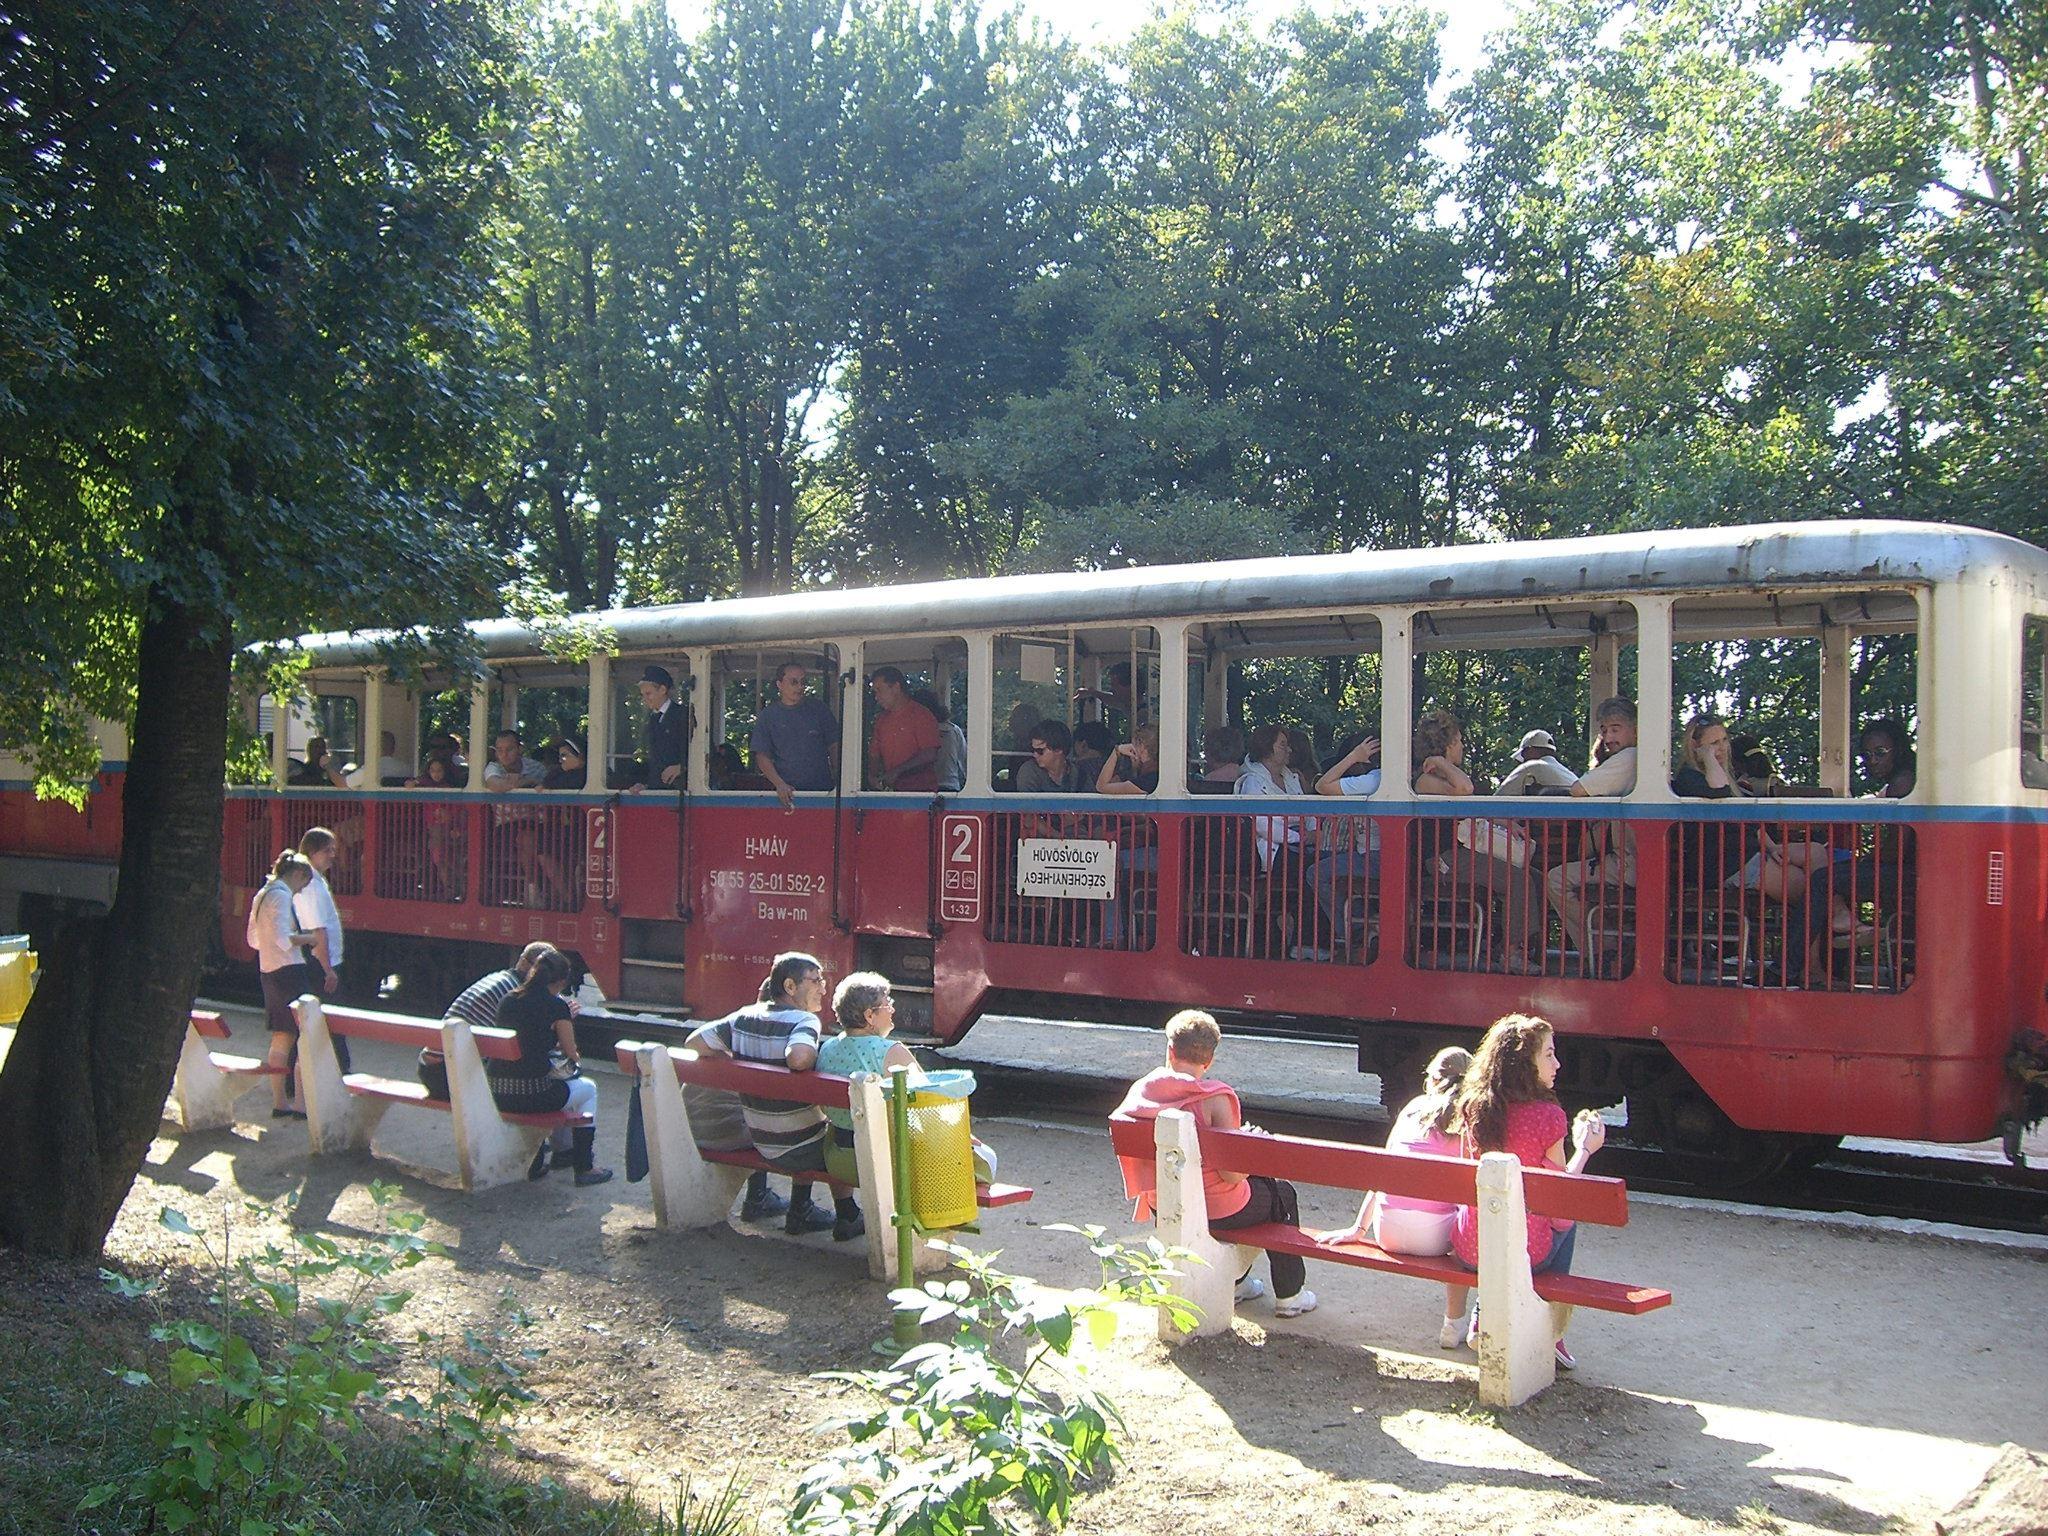 wagon du train des enfants à Budapest ; pas seulement réservé aux enfants